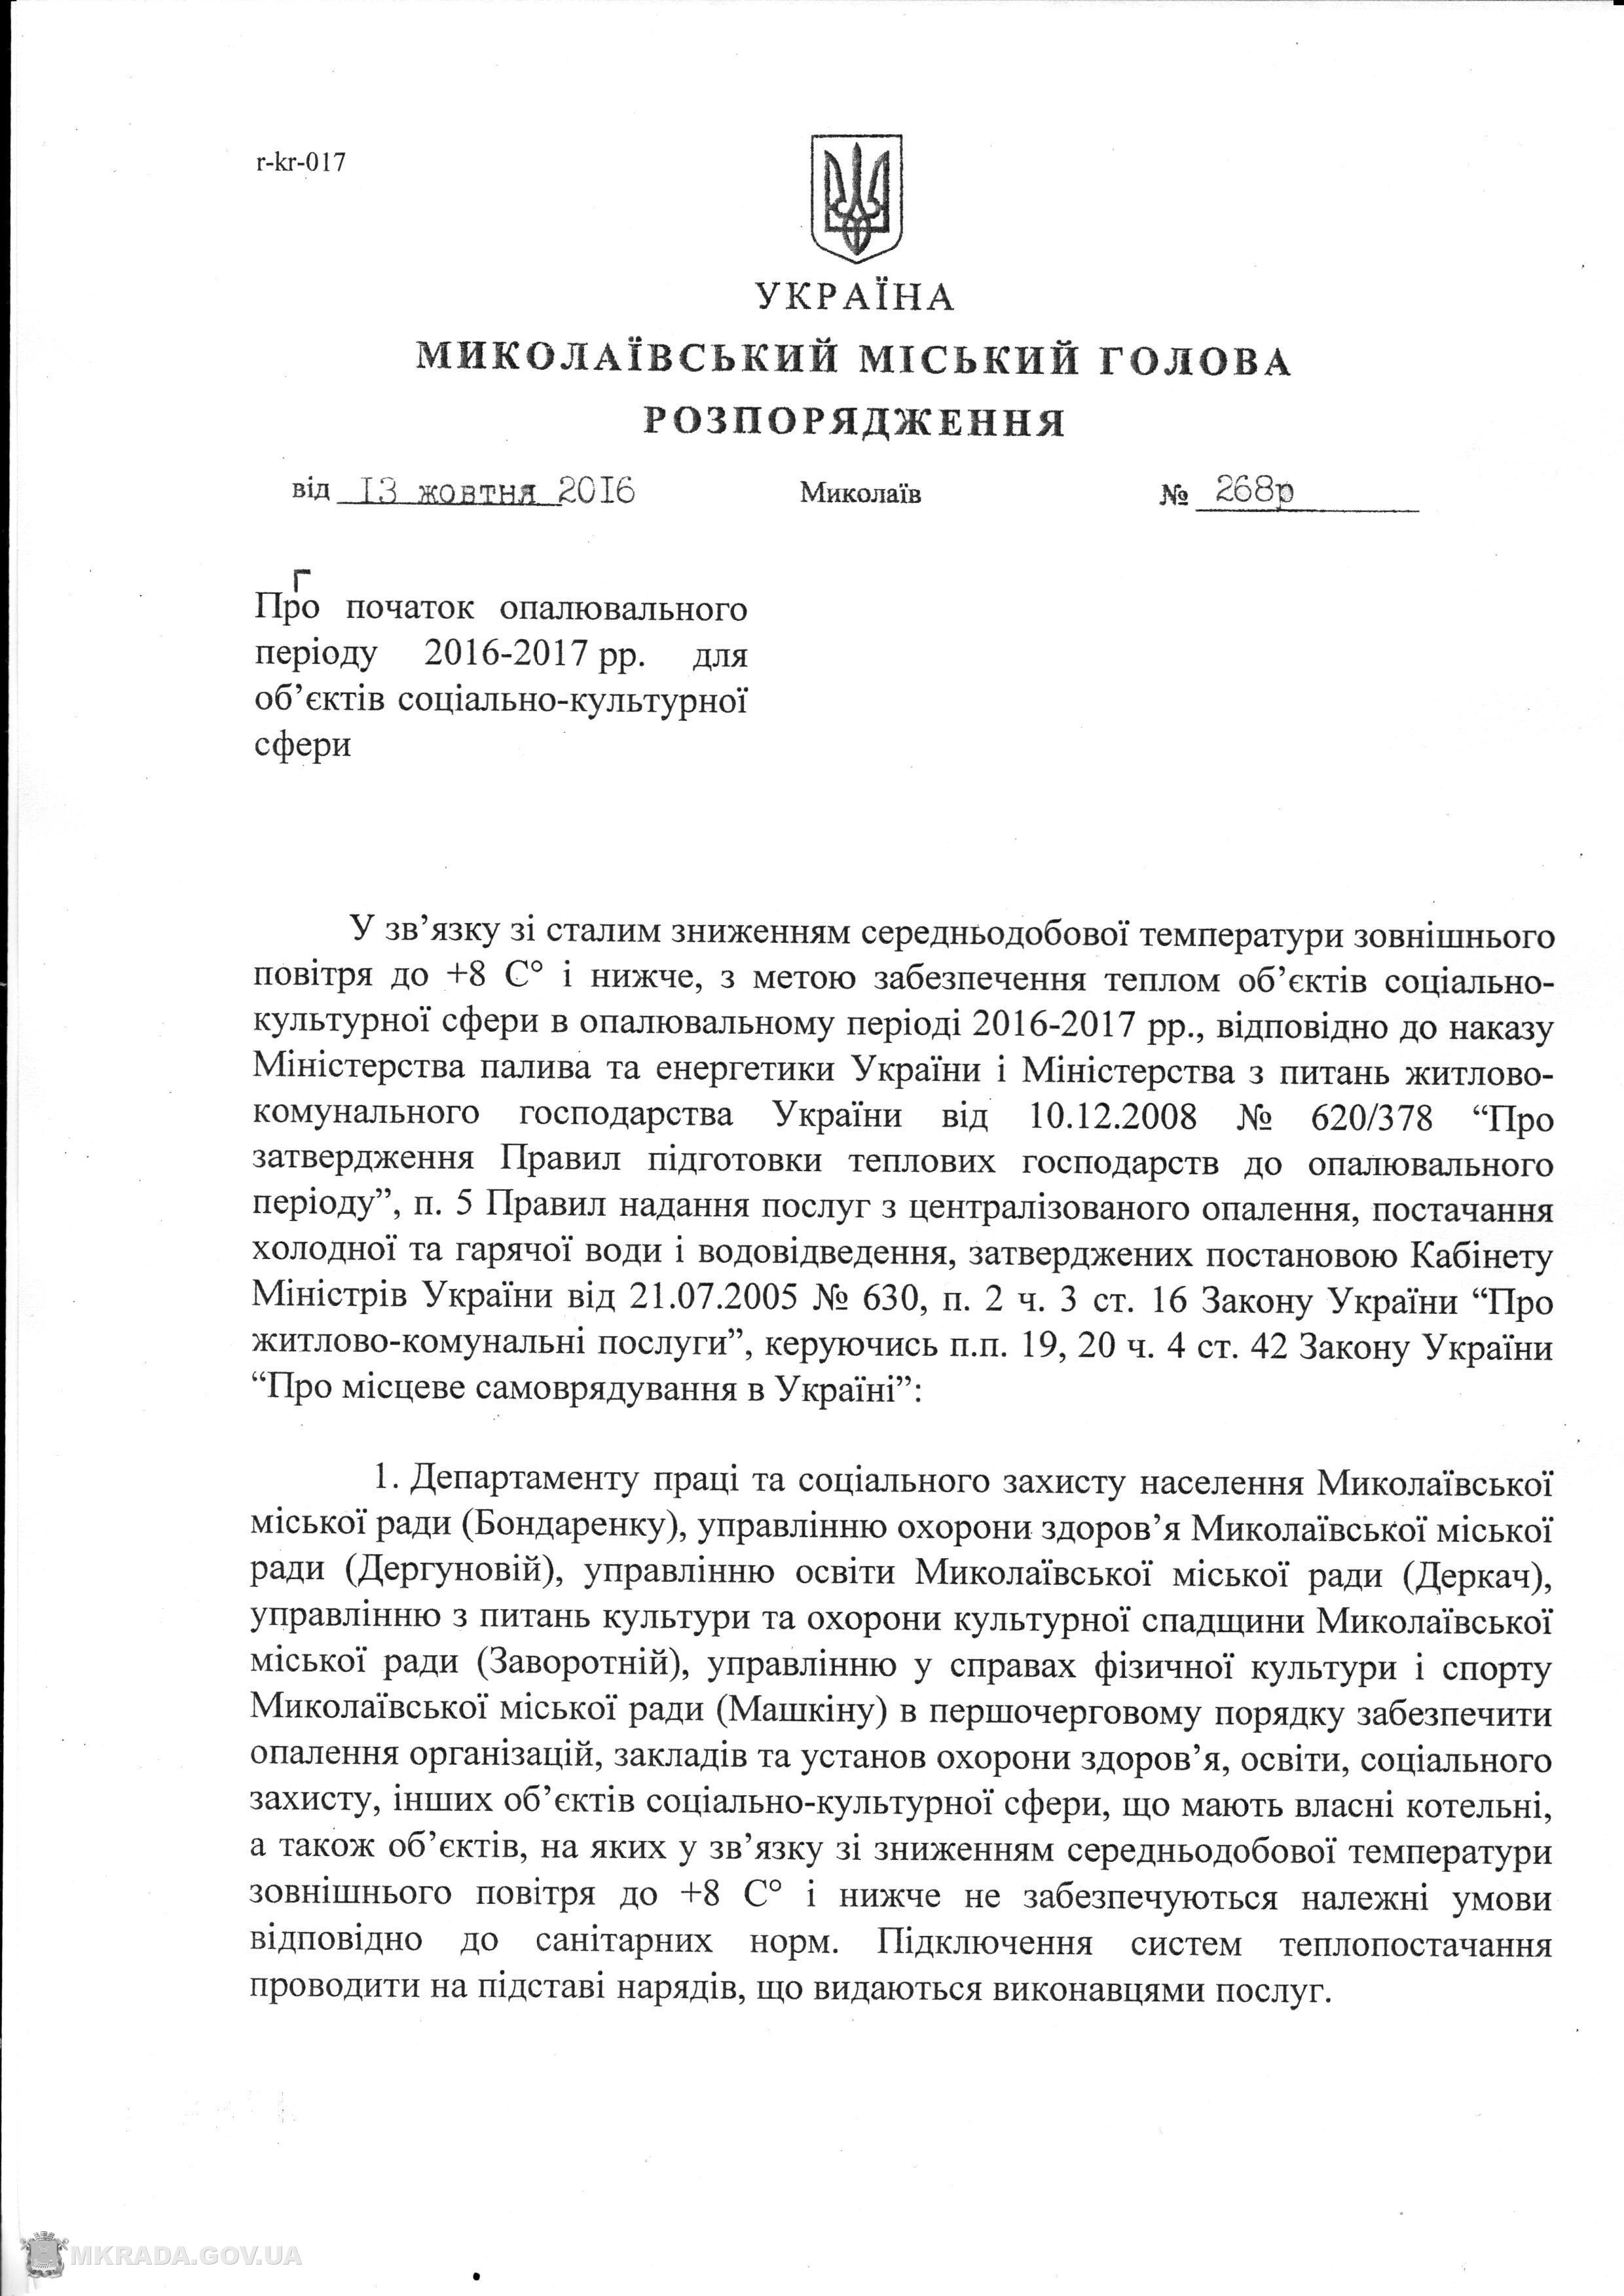 У Миколаєві запустили тепло на об'єктах соціально-культурної сфери - фото 1